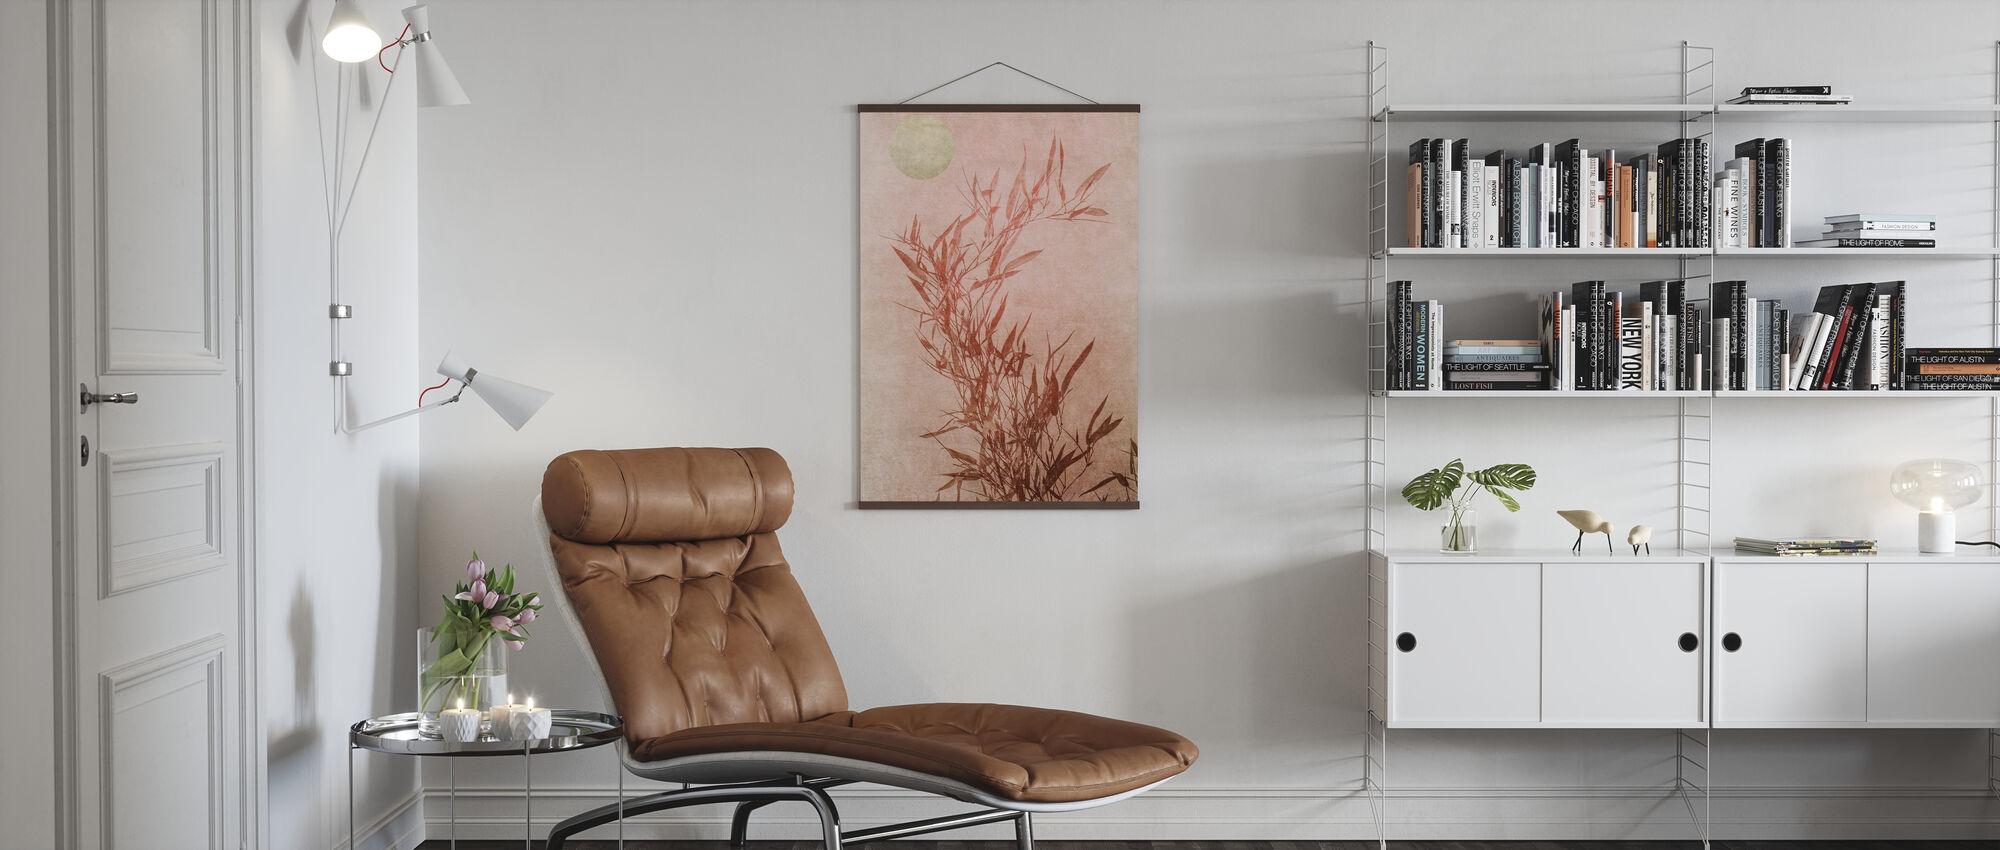 Sentimentale Berührung - Poster - Wohnzimmer